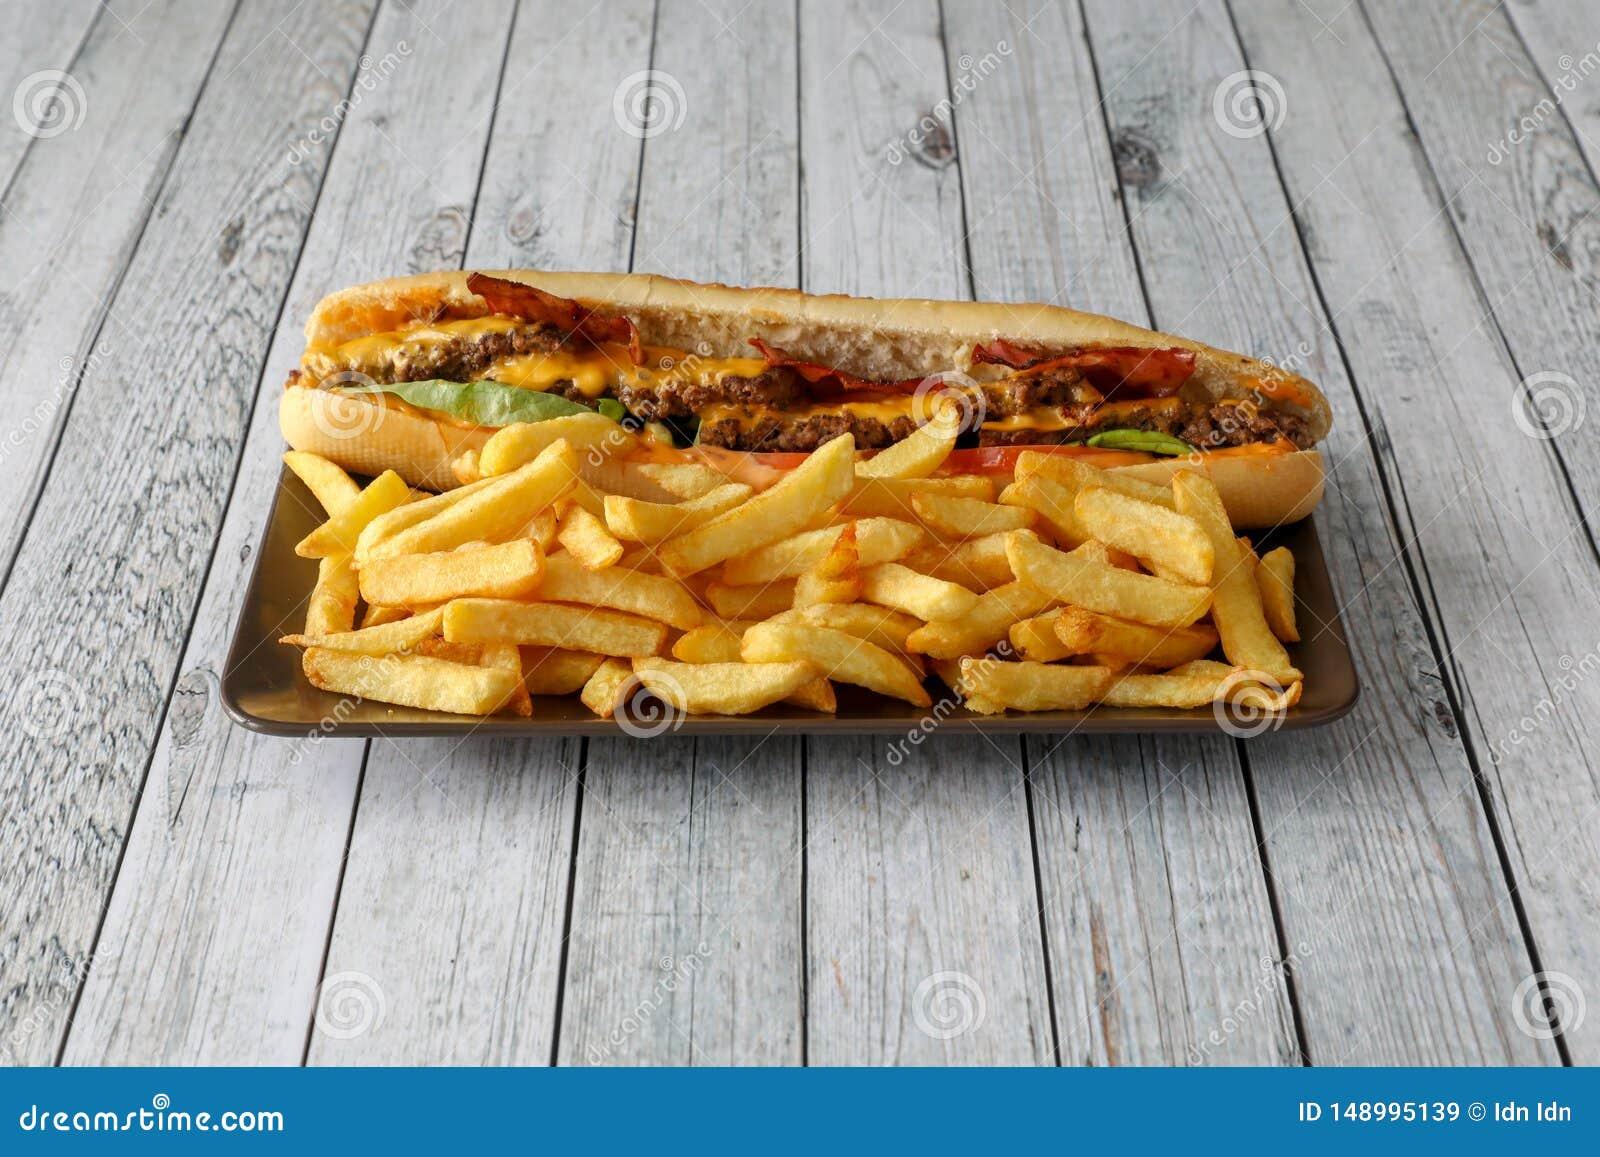 Fritures blanches de viande et de sandwich végétal